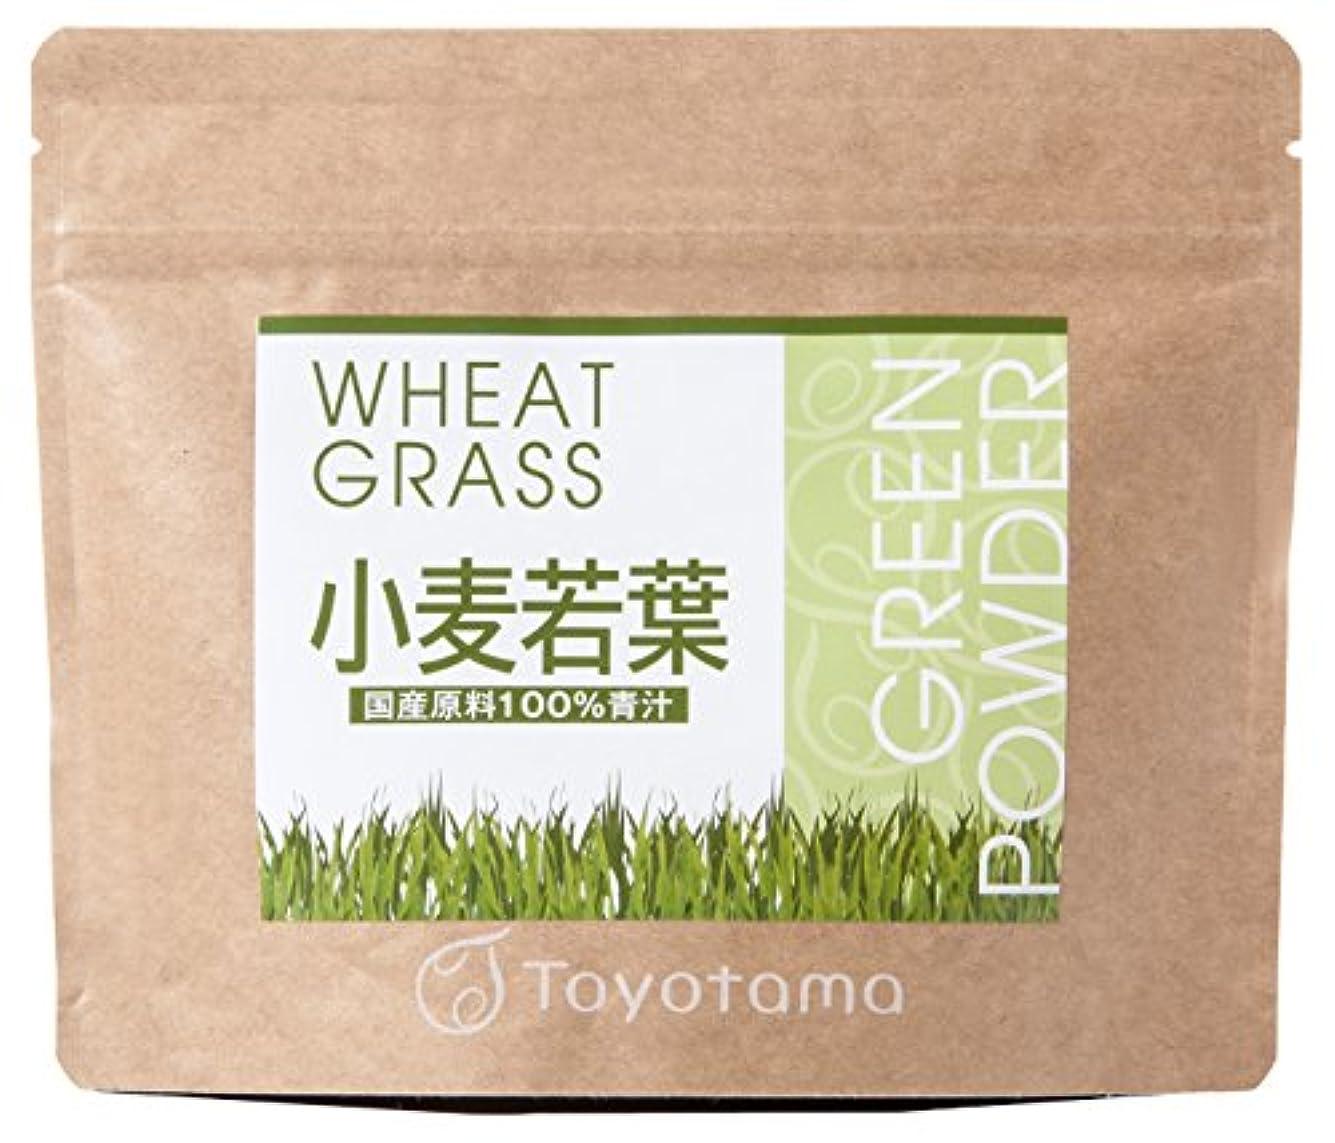 代数防止壁紙トヨタマ(TOYOTAMA) 国産小麦若葉100%青汁 90g (約30回分) 無添加 ピュアパウダー 1096314